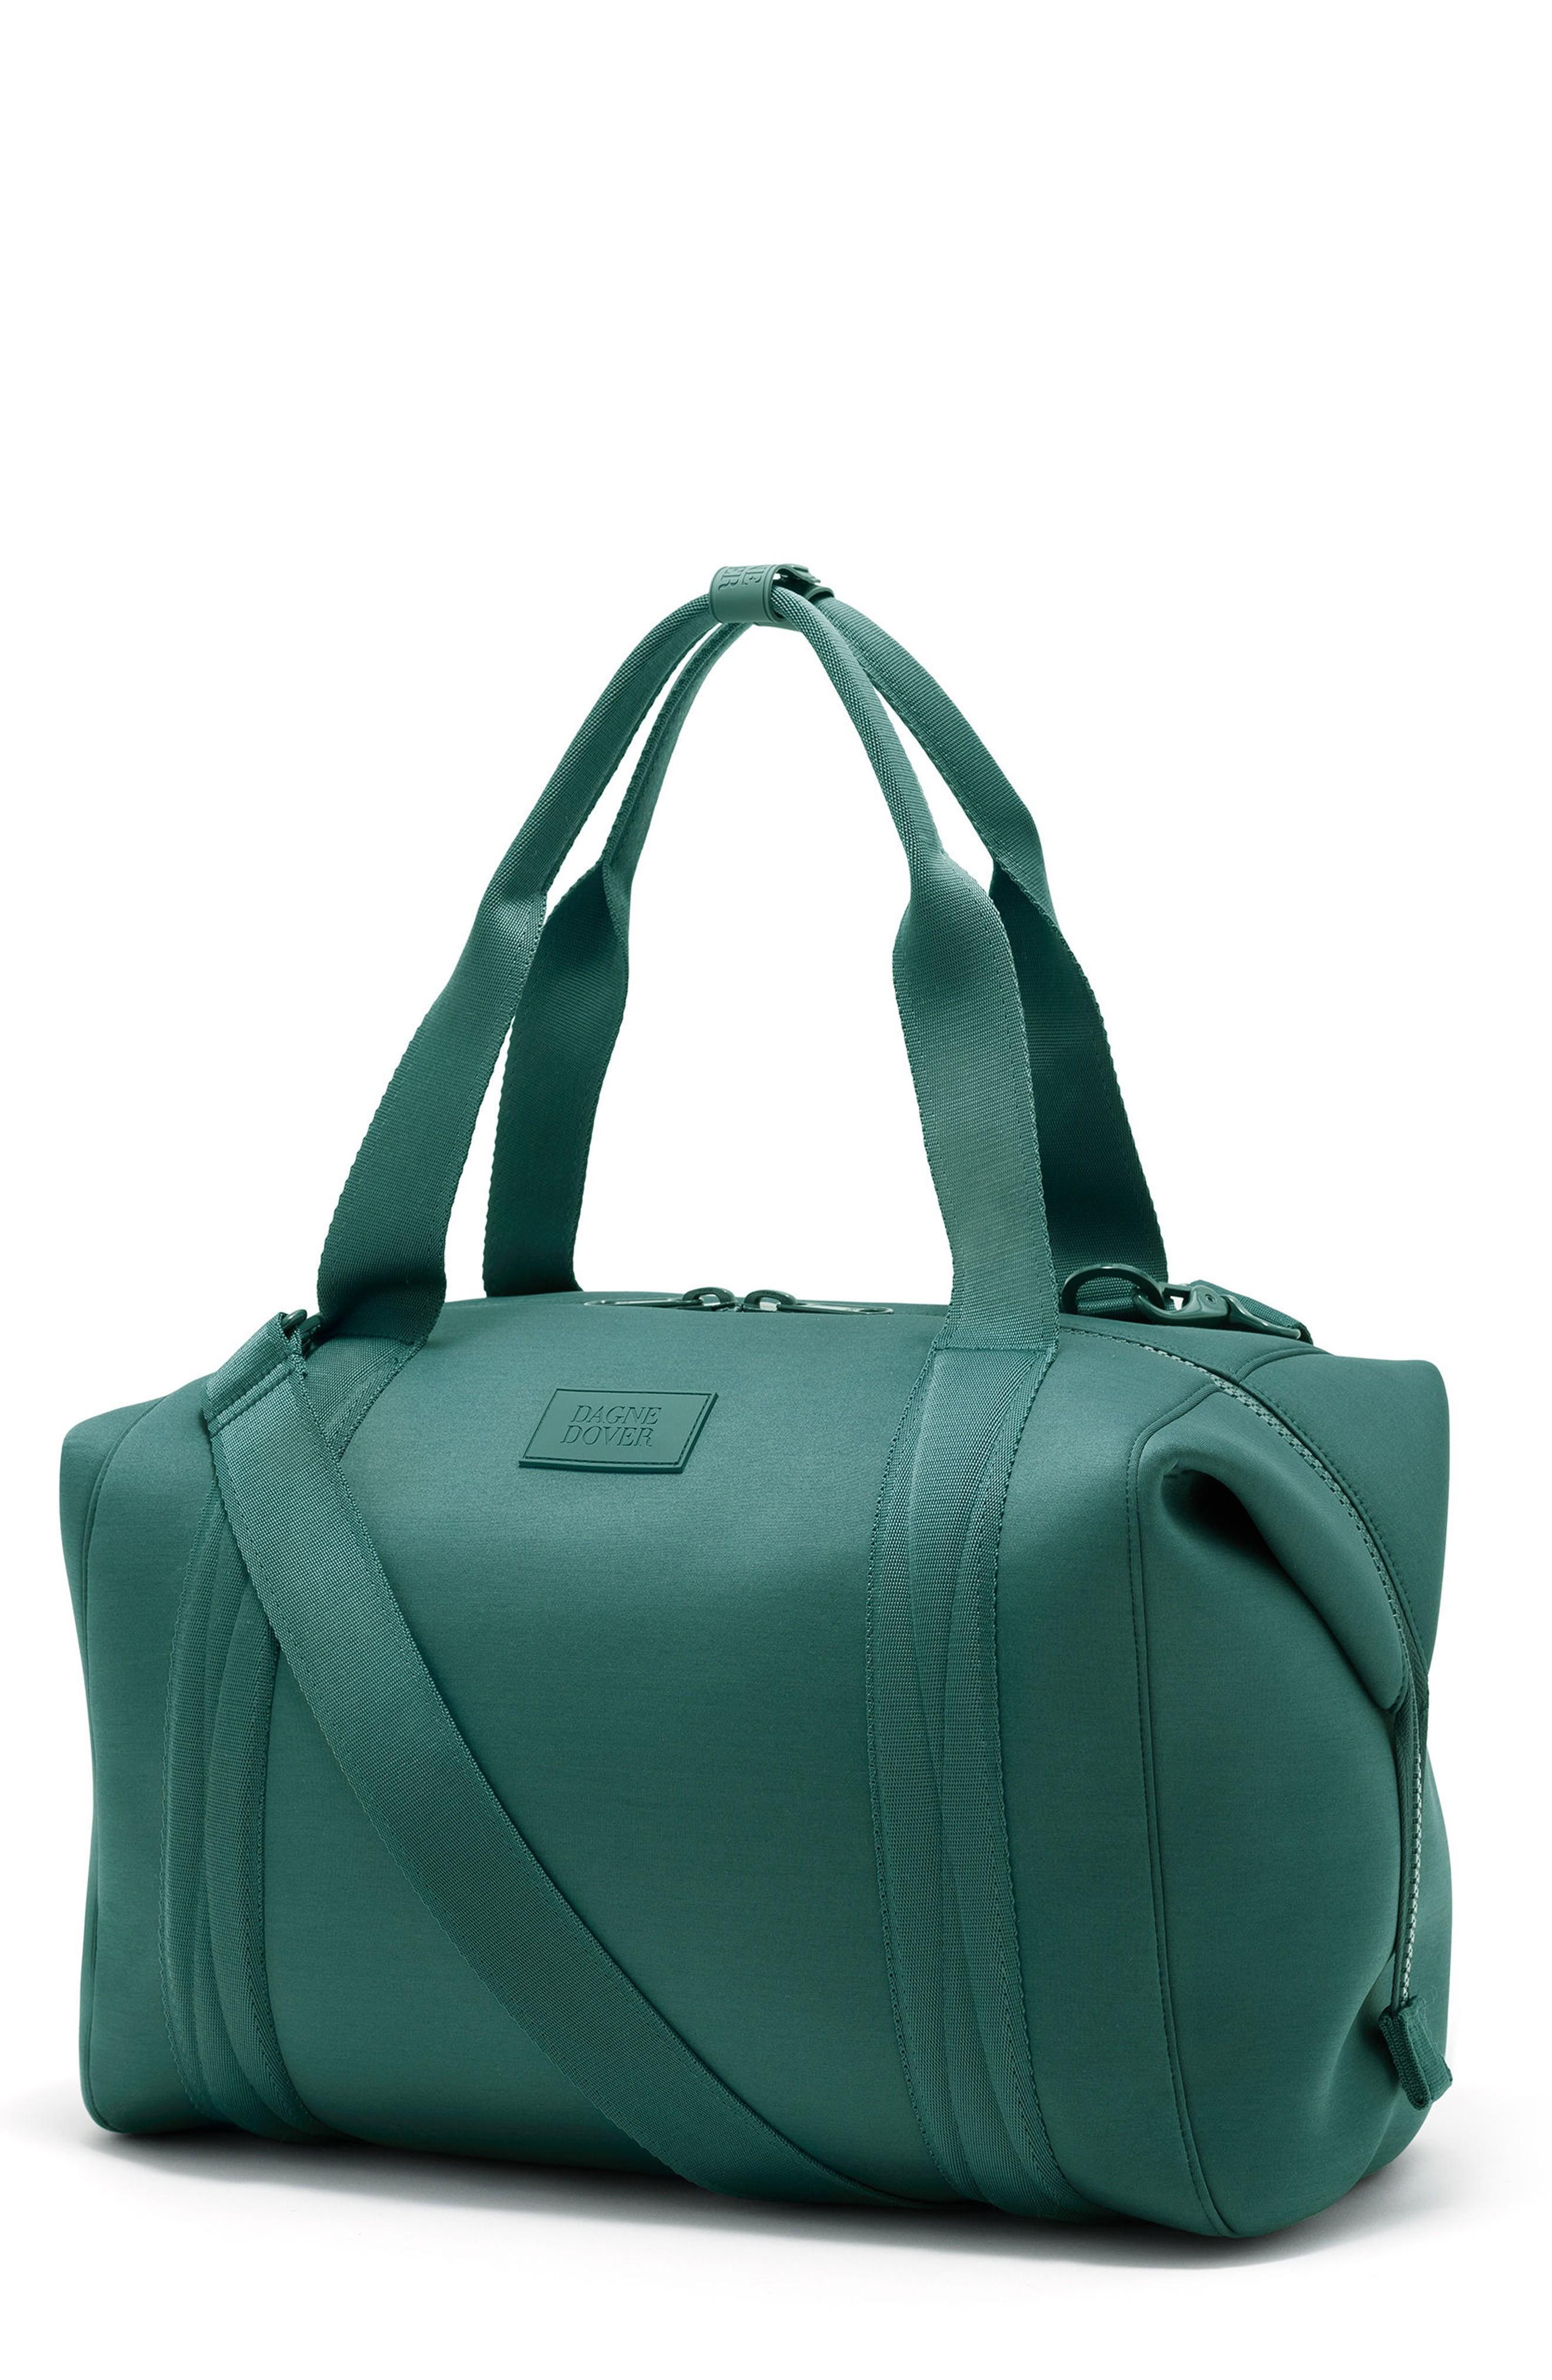 Dagne Dover 365 Large Landon Neoprene Carryall Duffel Bag - Blue/green In Palm